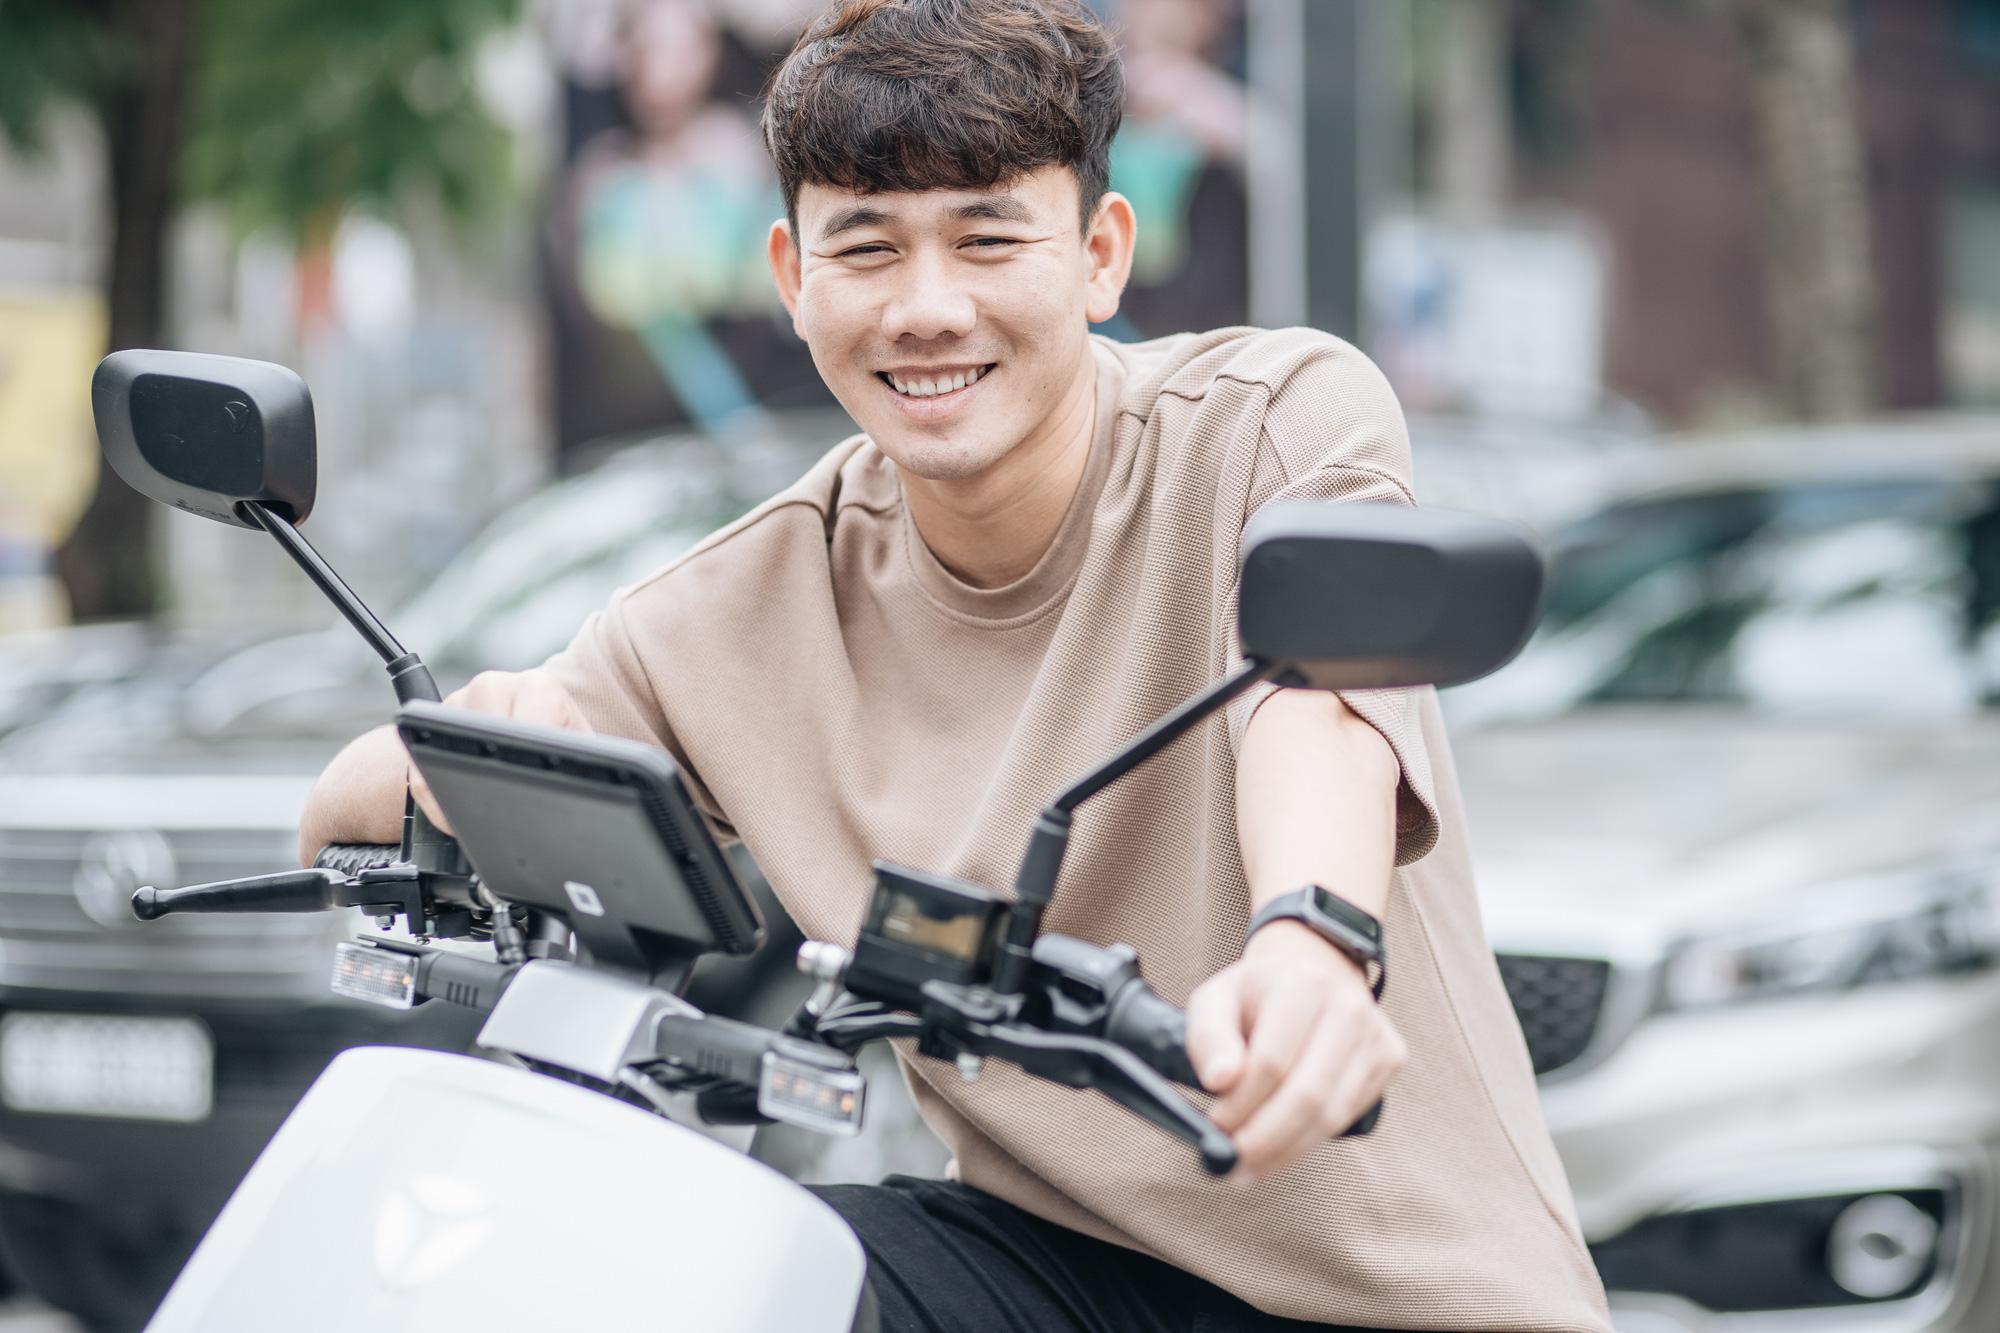 """Cầu thủ Minh Vương và hành trình ước mơ với trái bóng tròn: """"Chưa bao giờ tôi hối hận vì đã chọn đá bóng!"""" - Ảnh 5."""